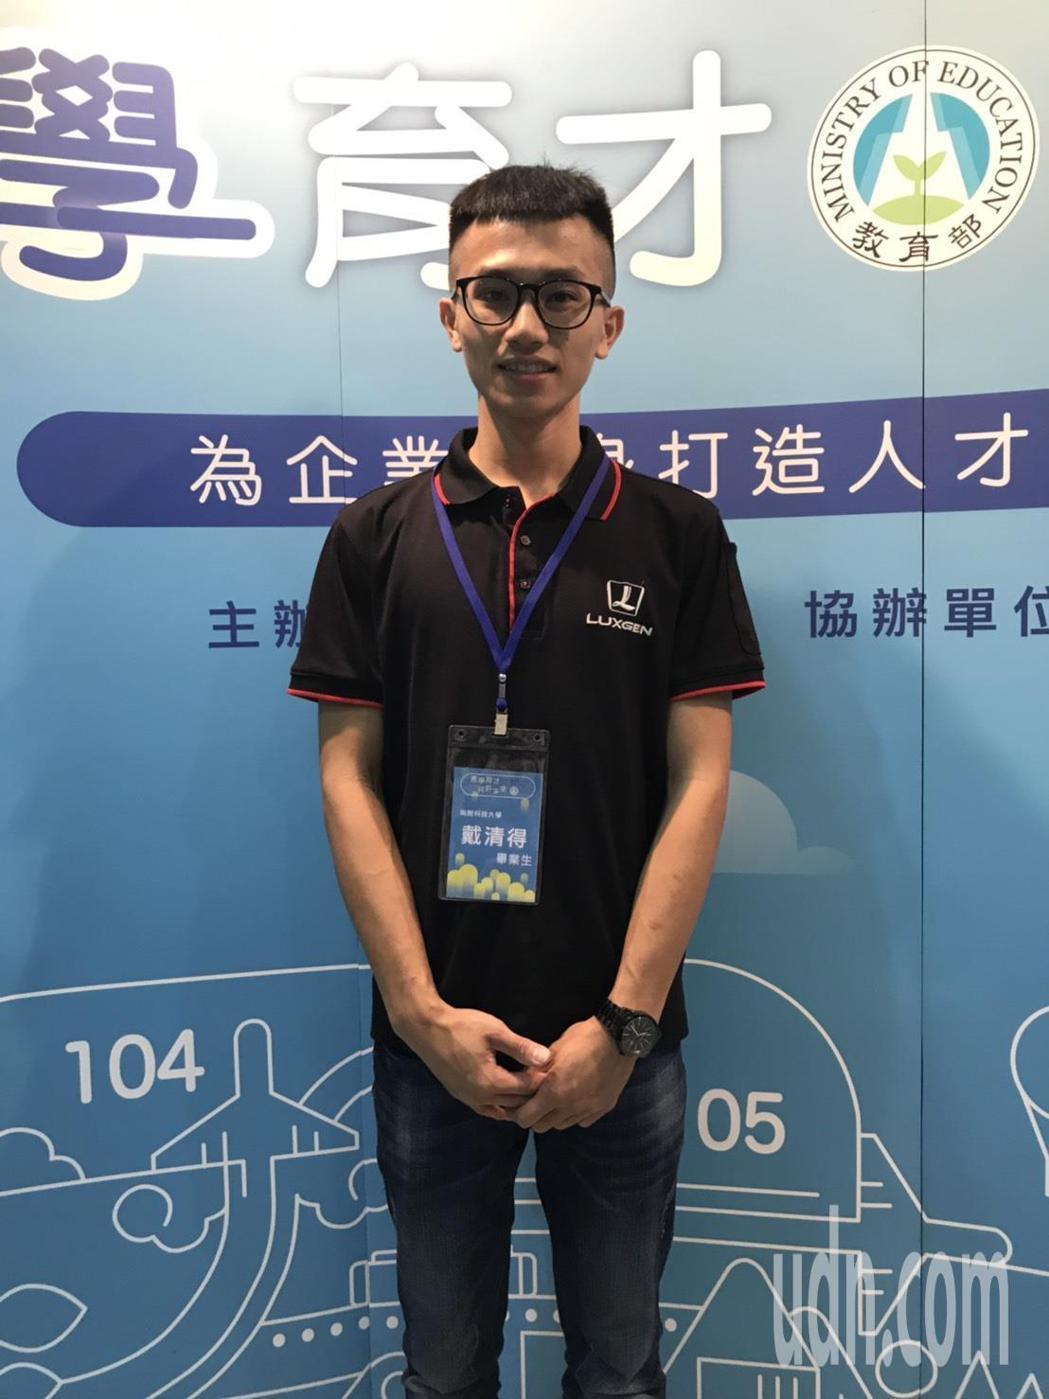 南開科技大學畢業生戴清得表示,藉由產業學院課程中找到了自信跟興趣,畢業直接被中智...